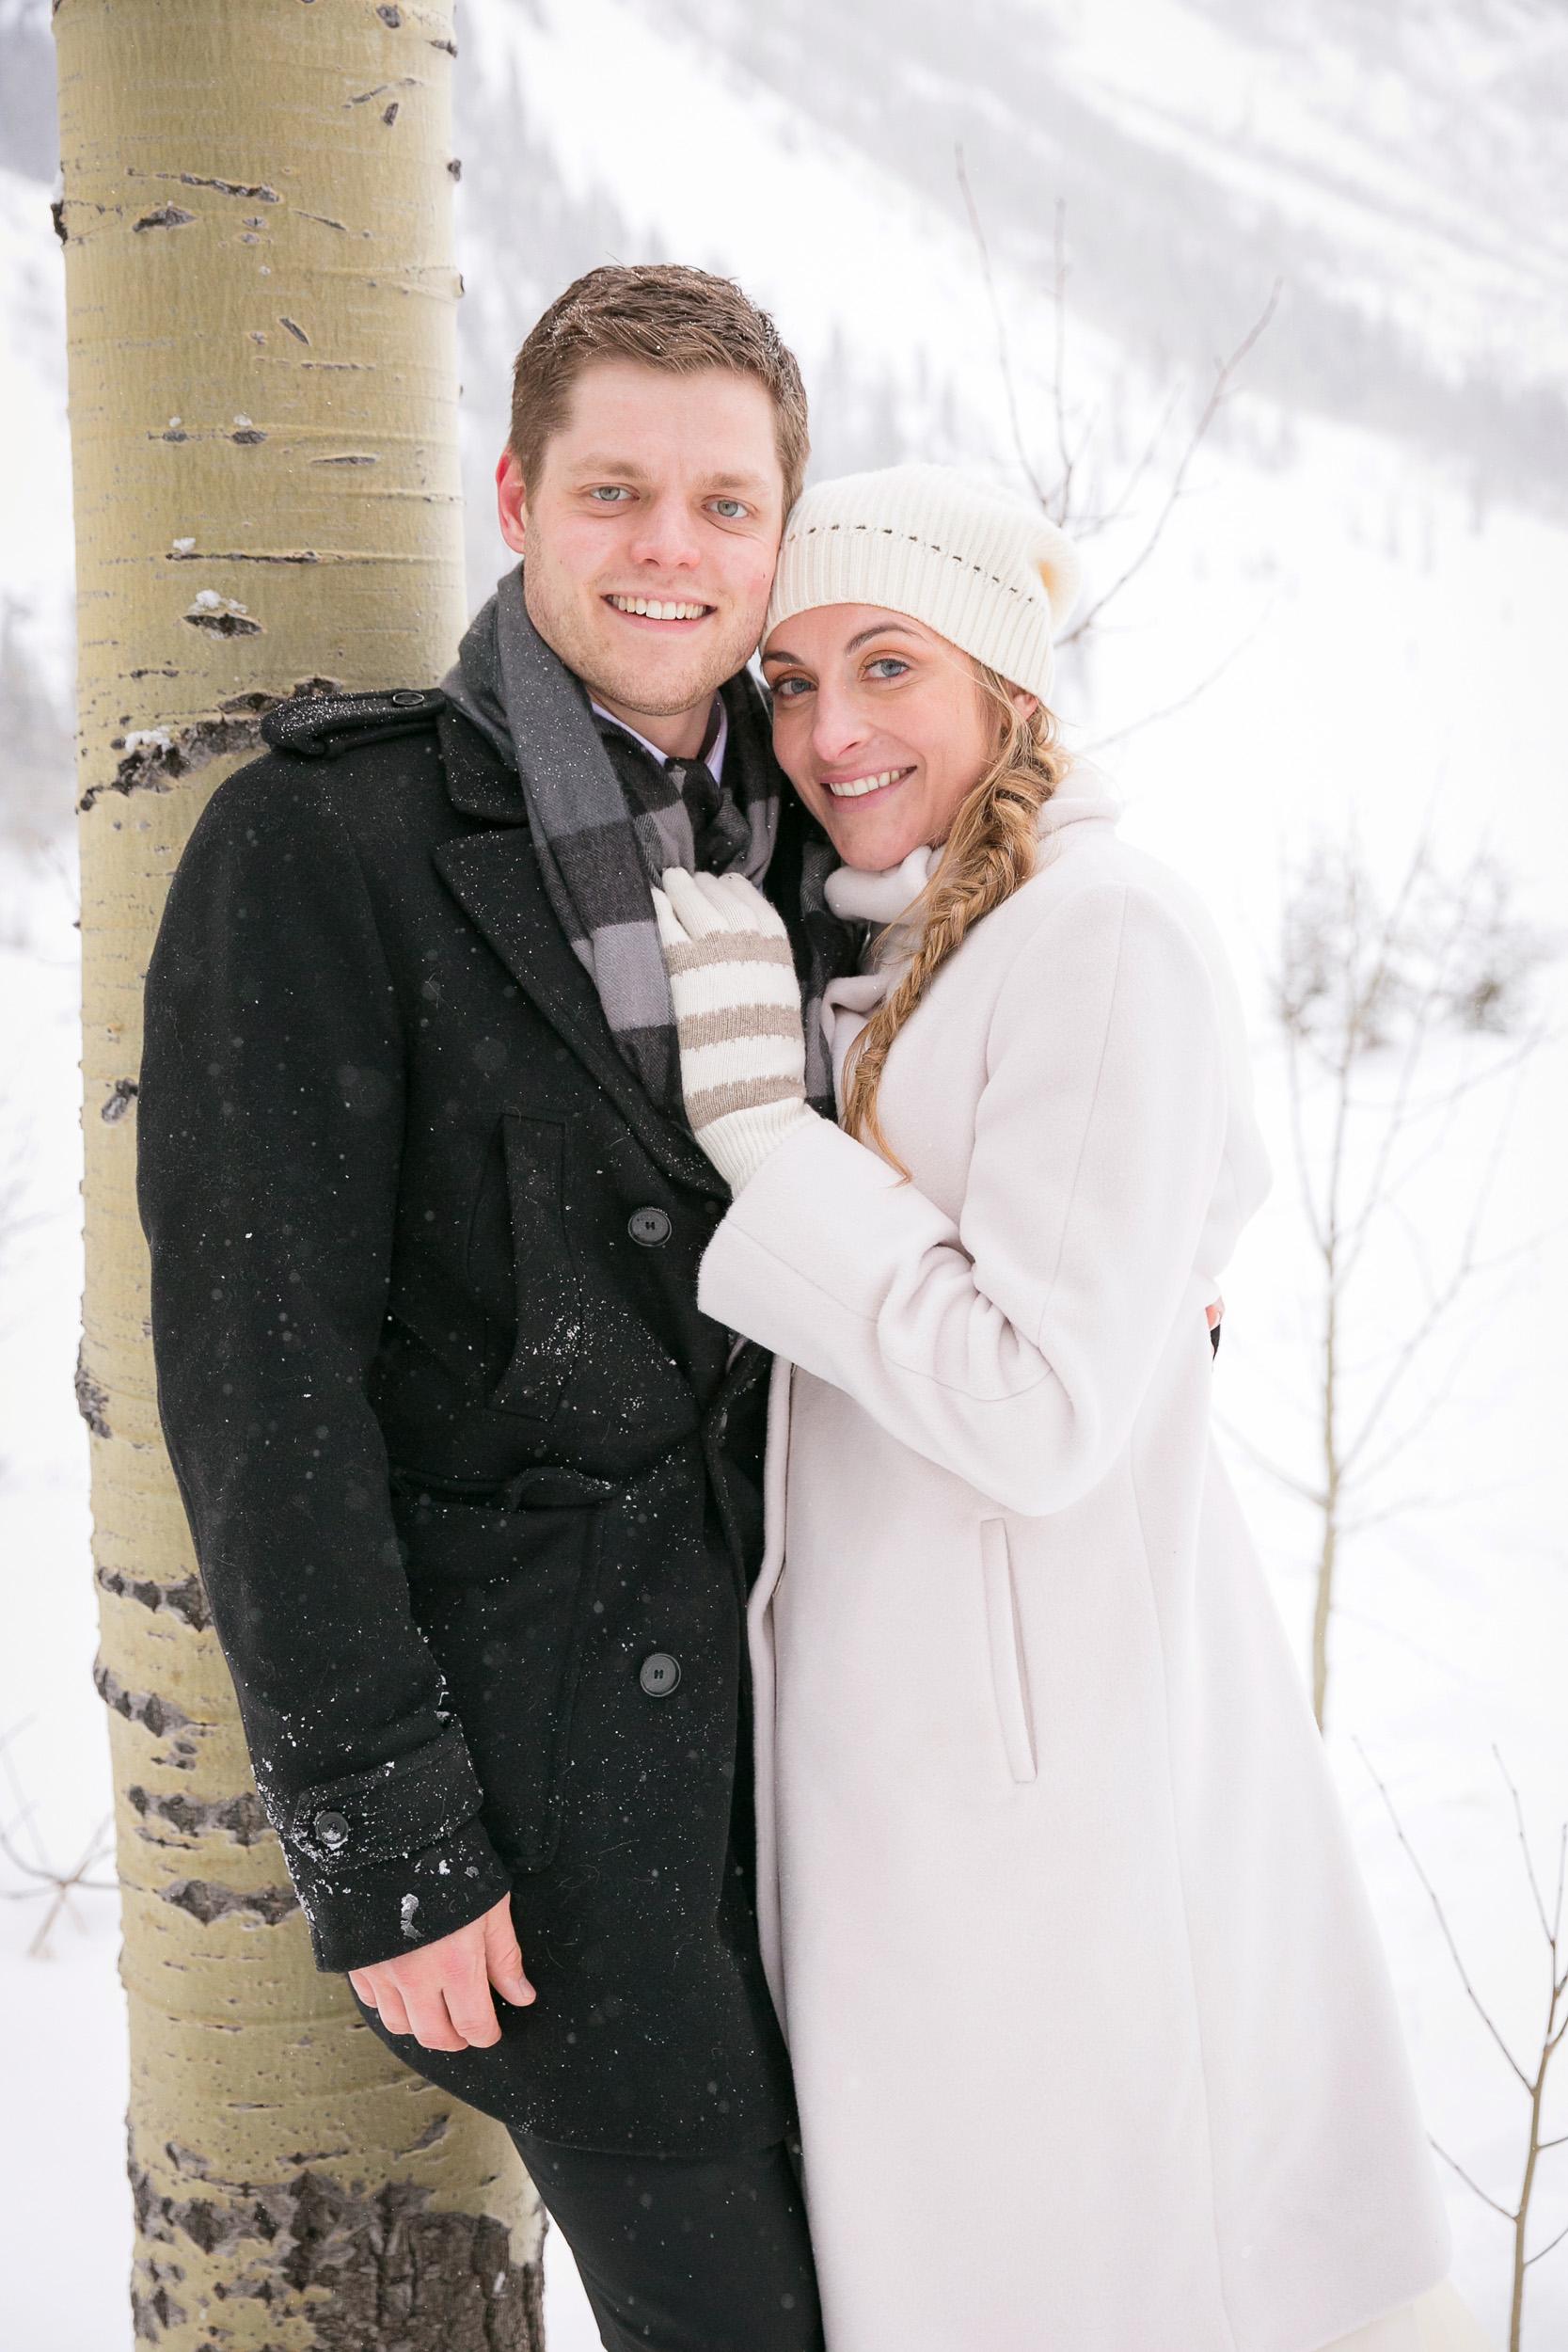 Aspen-Wedding-in-Winter-039.jpg